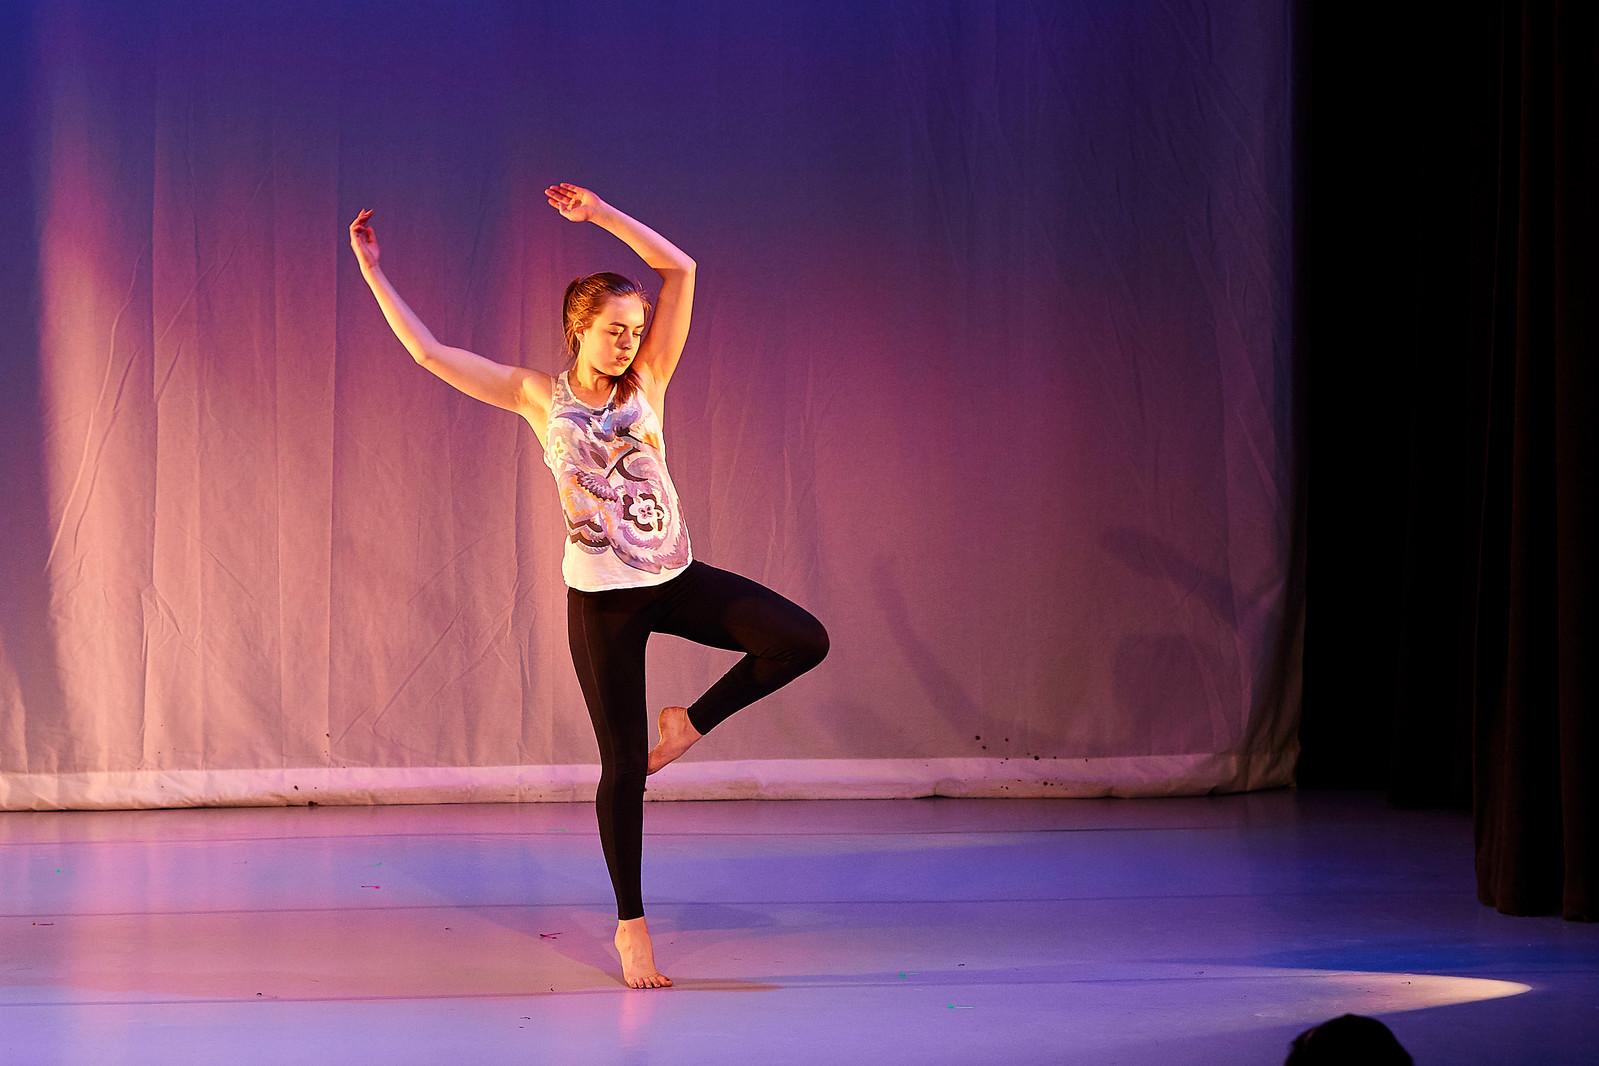 Mayfair dance and maypole - 48355-X3.jpg